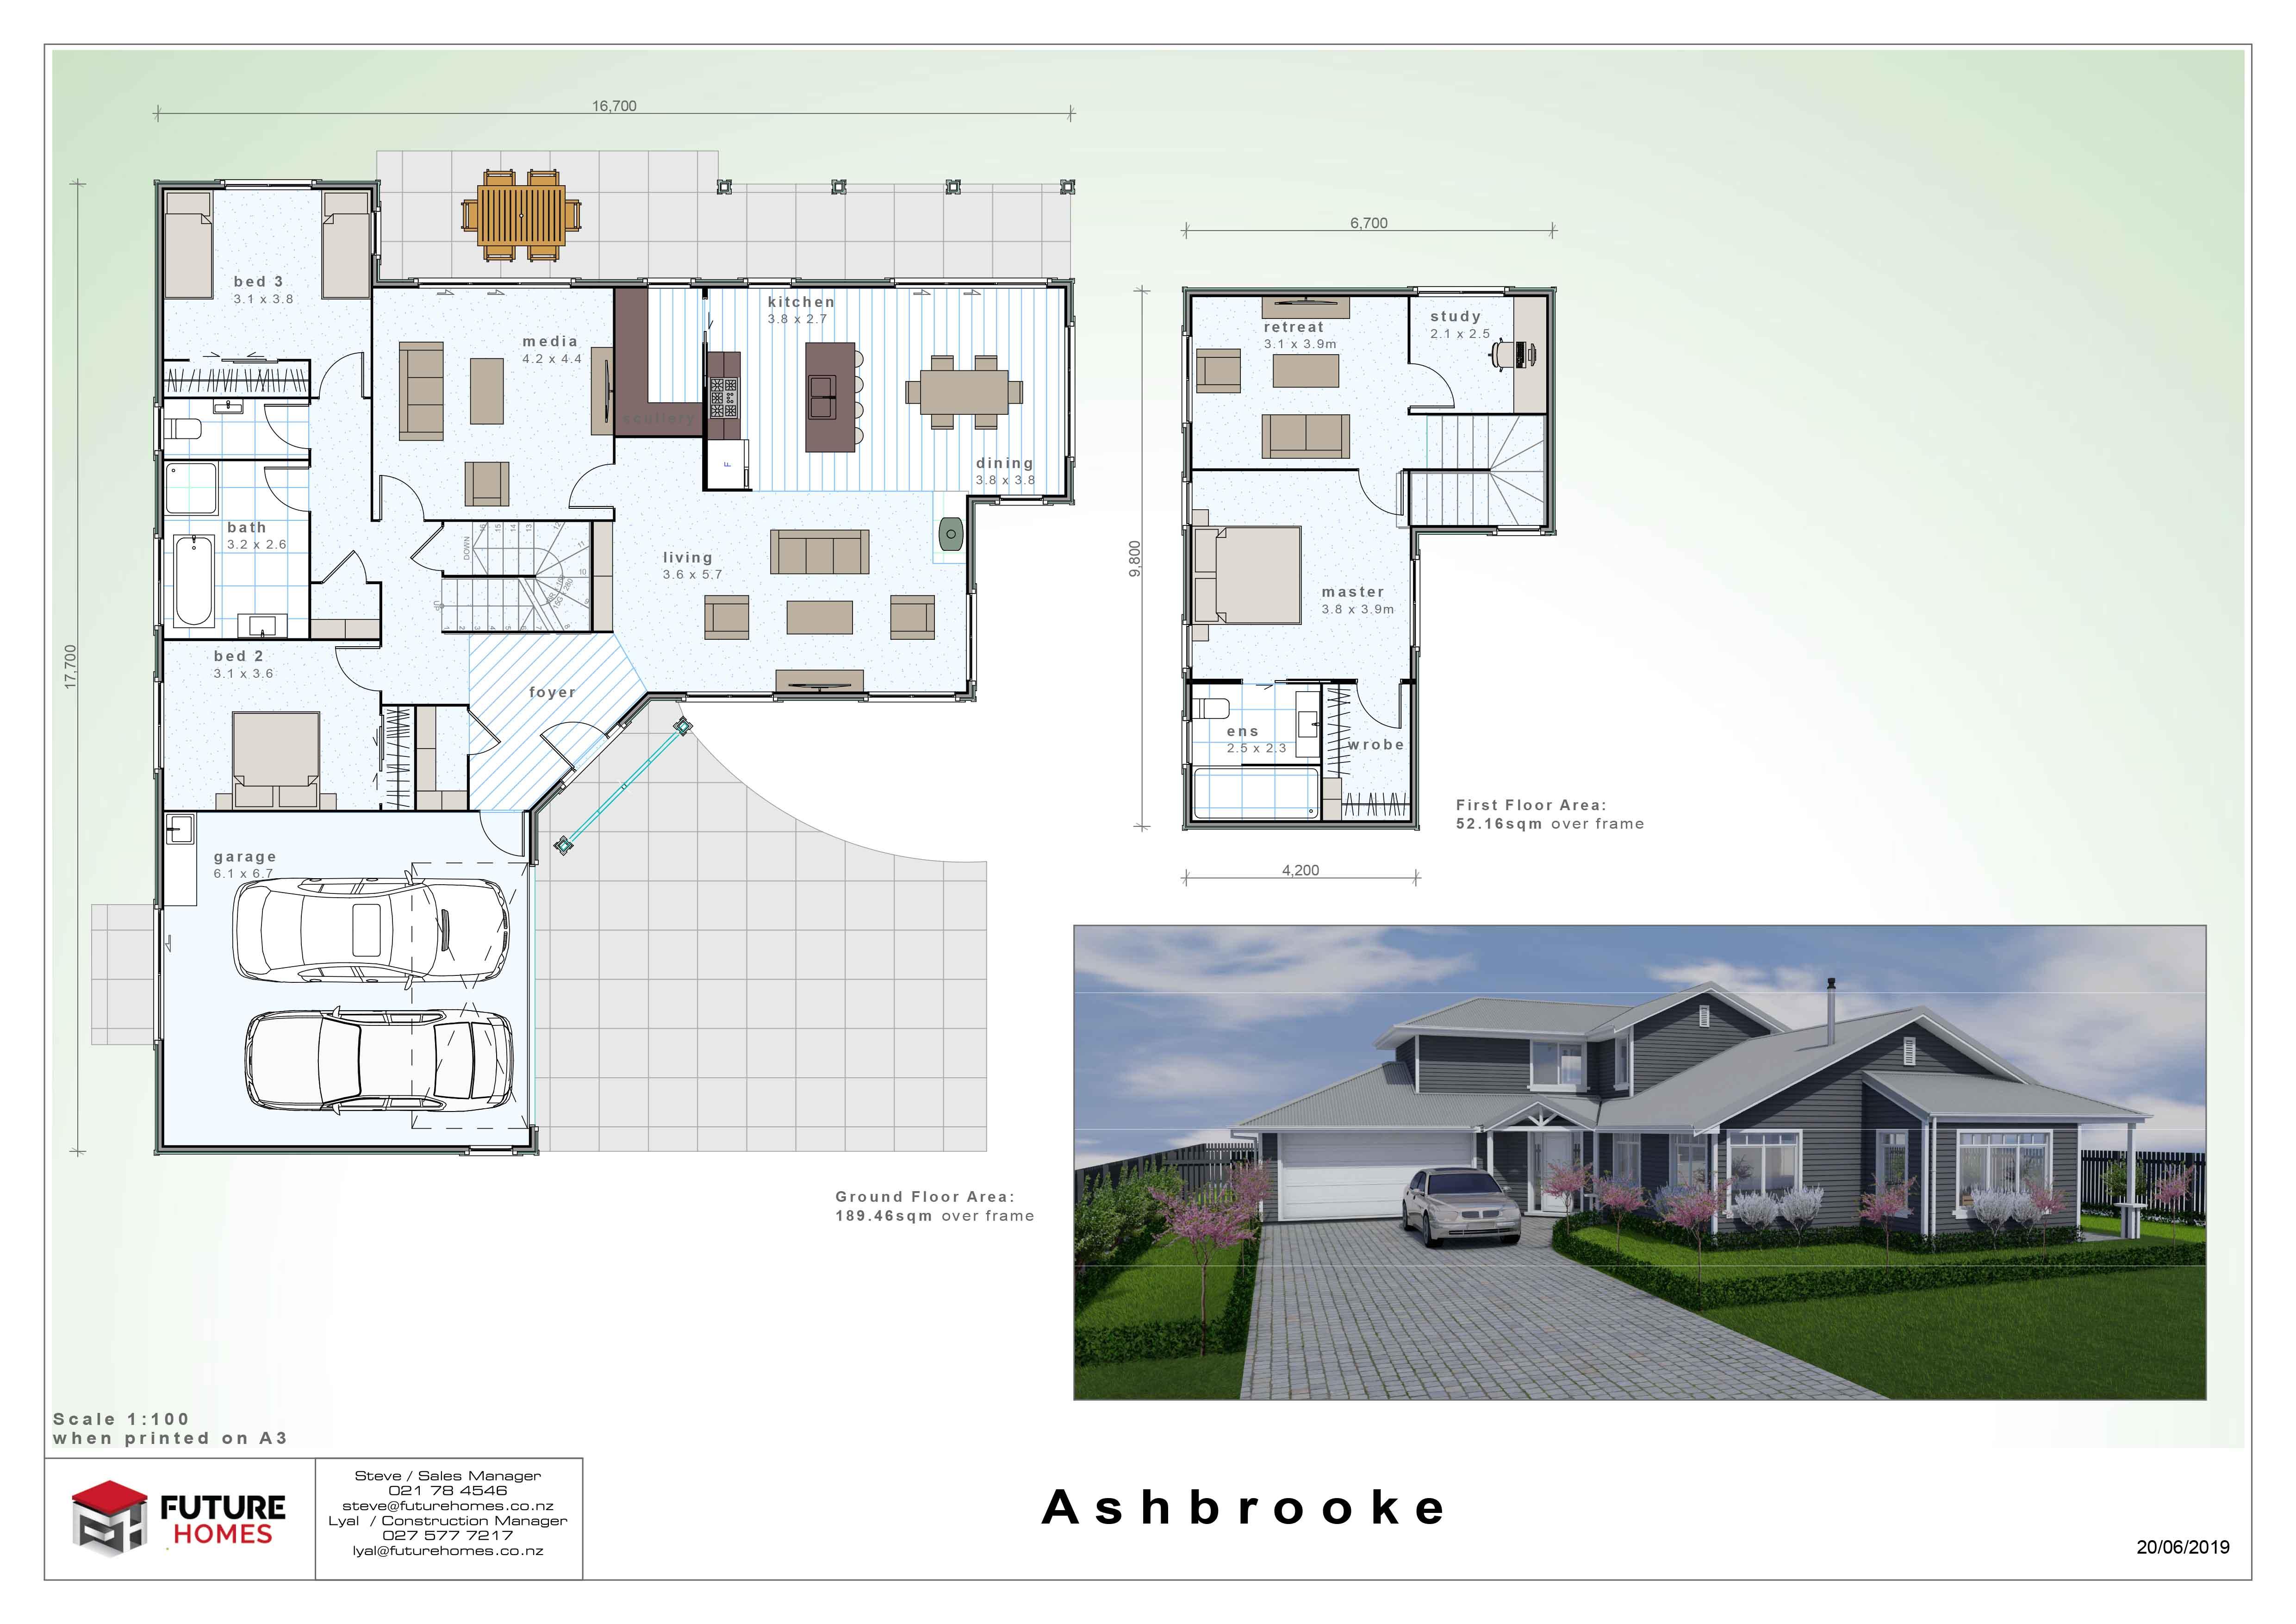 Ashbrooke